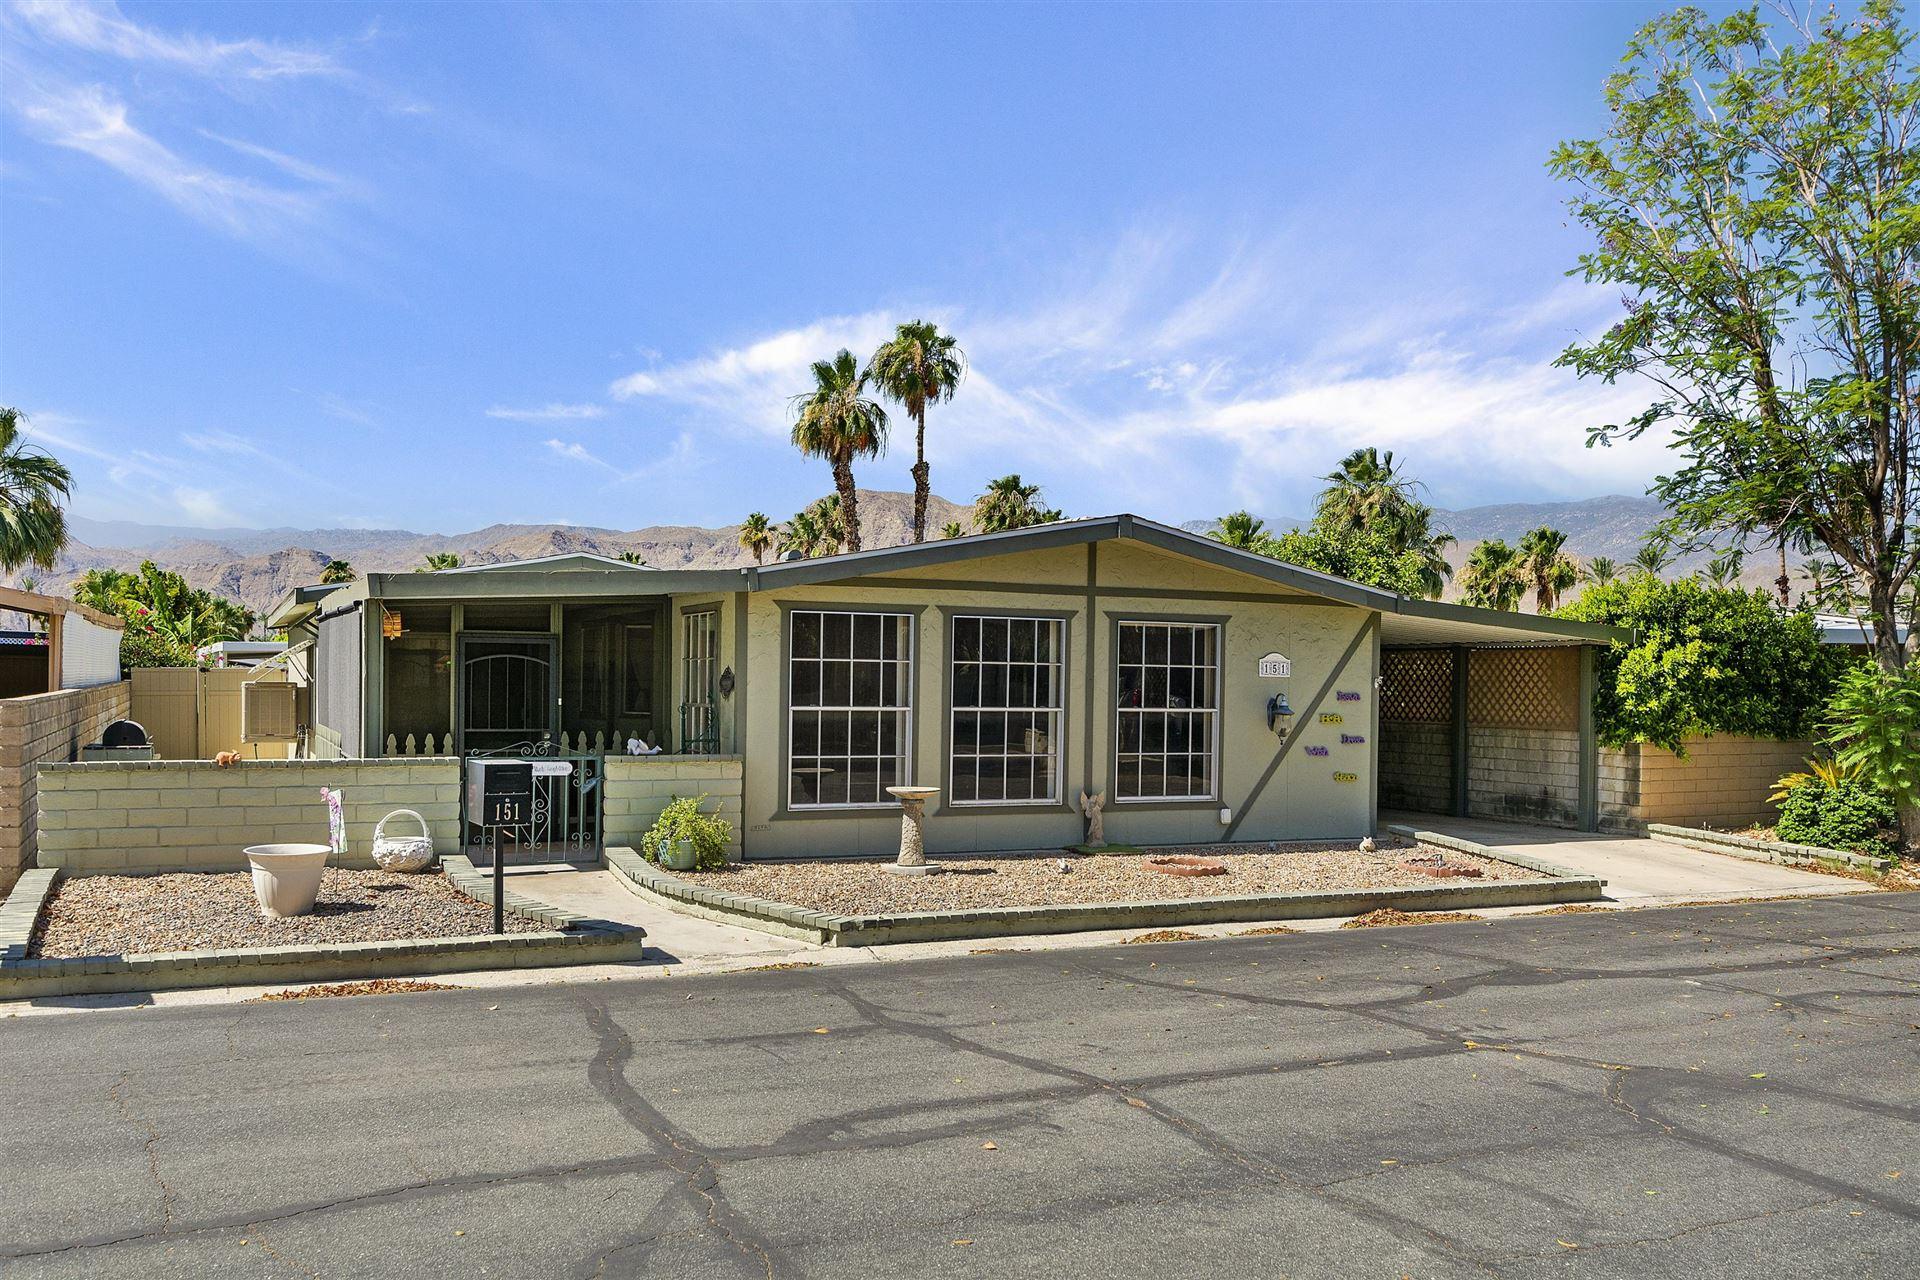 151 Capri Street, Rancho Mirage, CA 92270 - MLS#: 219044283